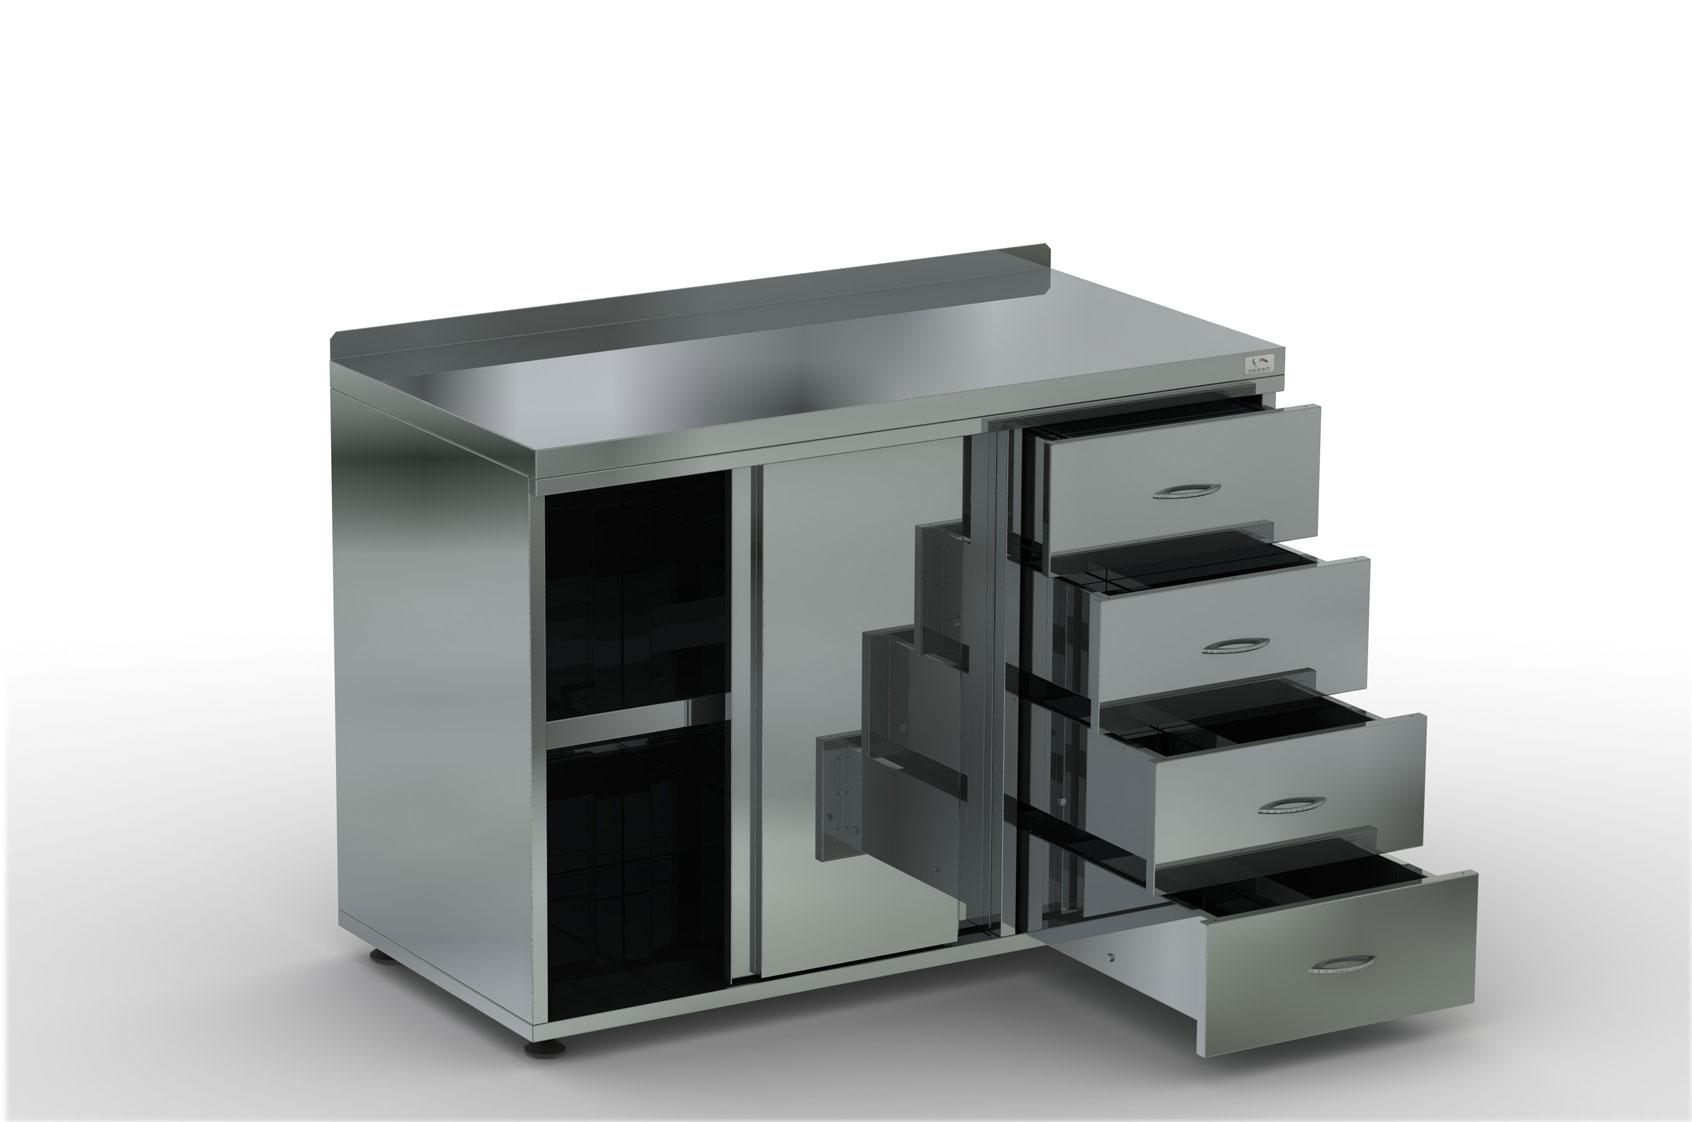 Купить тумбу-стол стб/1-120/70 недорого в москве по доступно.